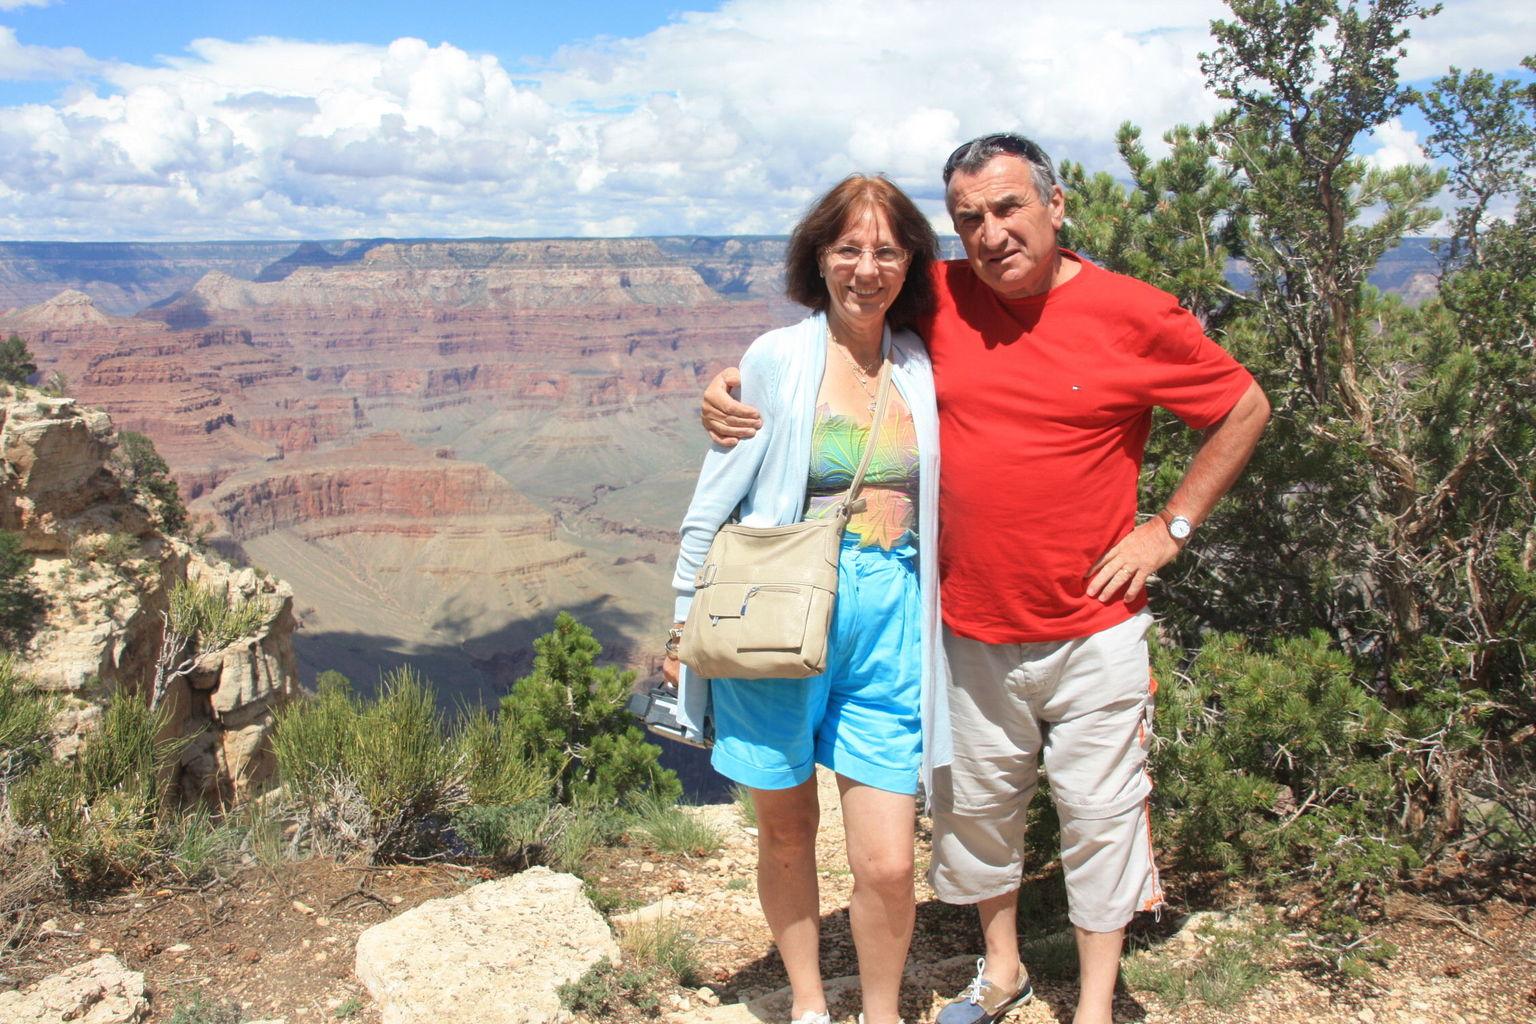 MÁS FOTOS, Grand Canyon Railway Adventure Package